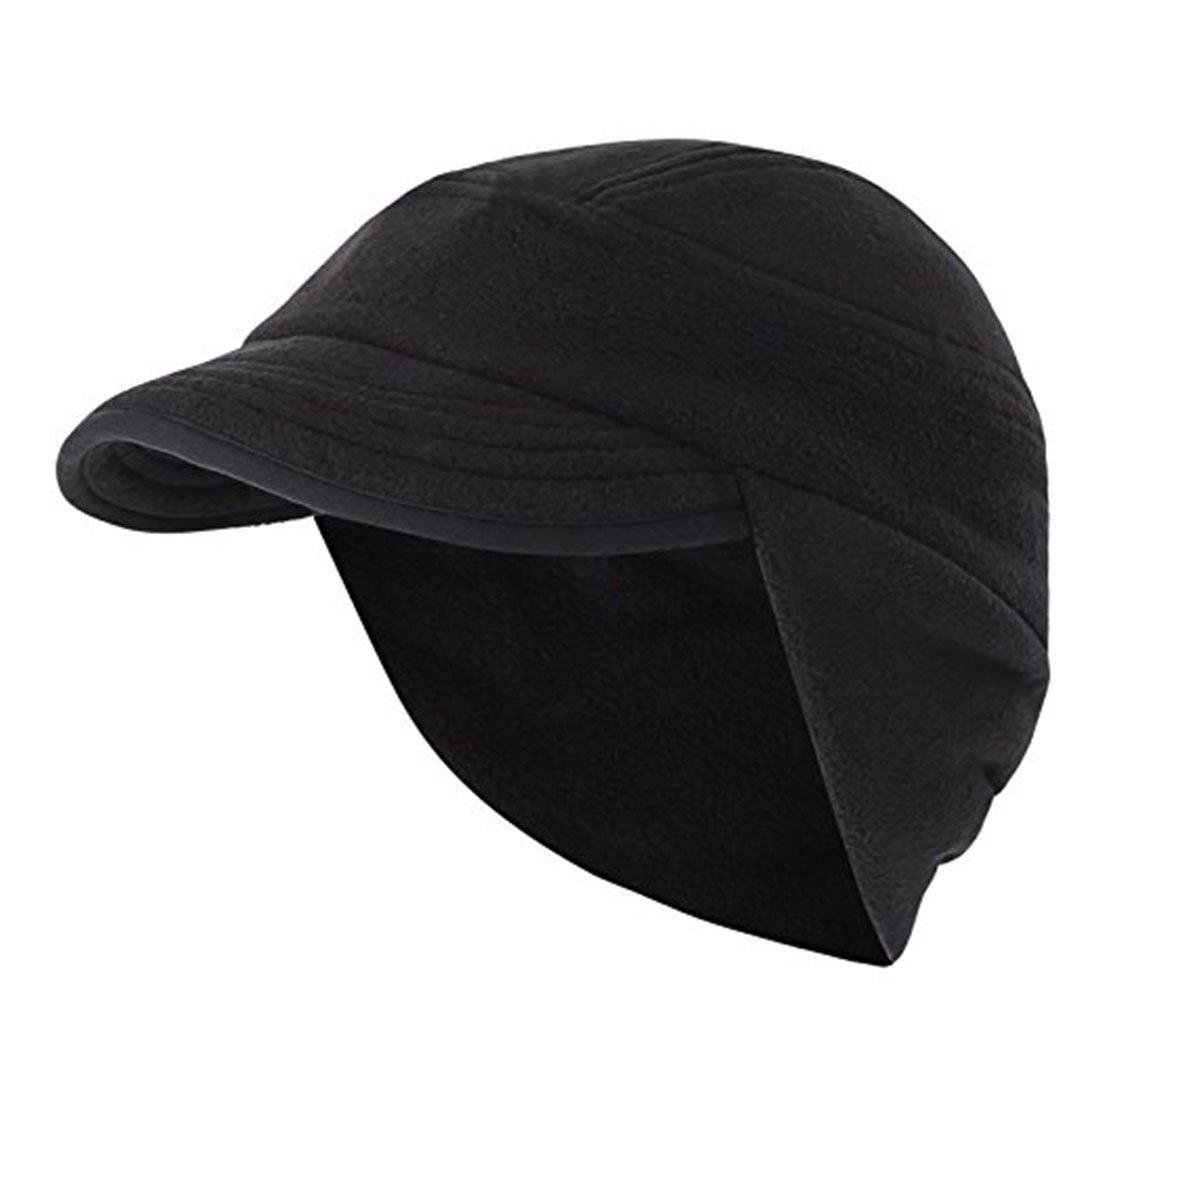 Surblue Winter Earflap Hat Skull Cap Outdoor Warm Windproof Fleece with Visor